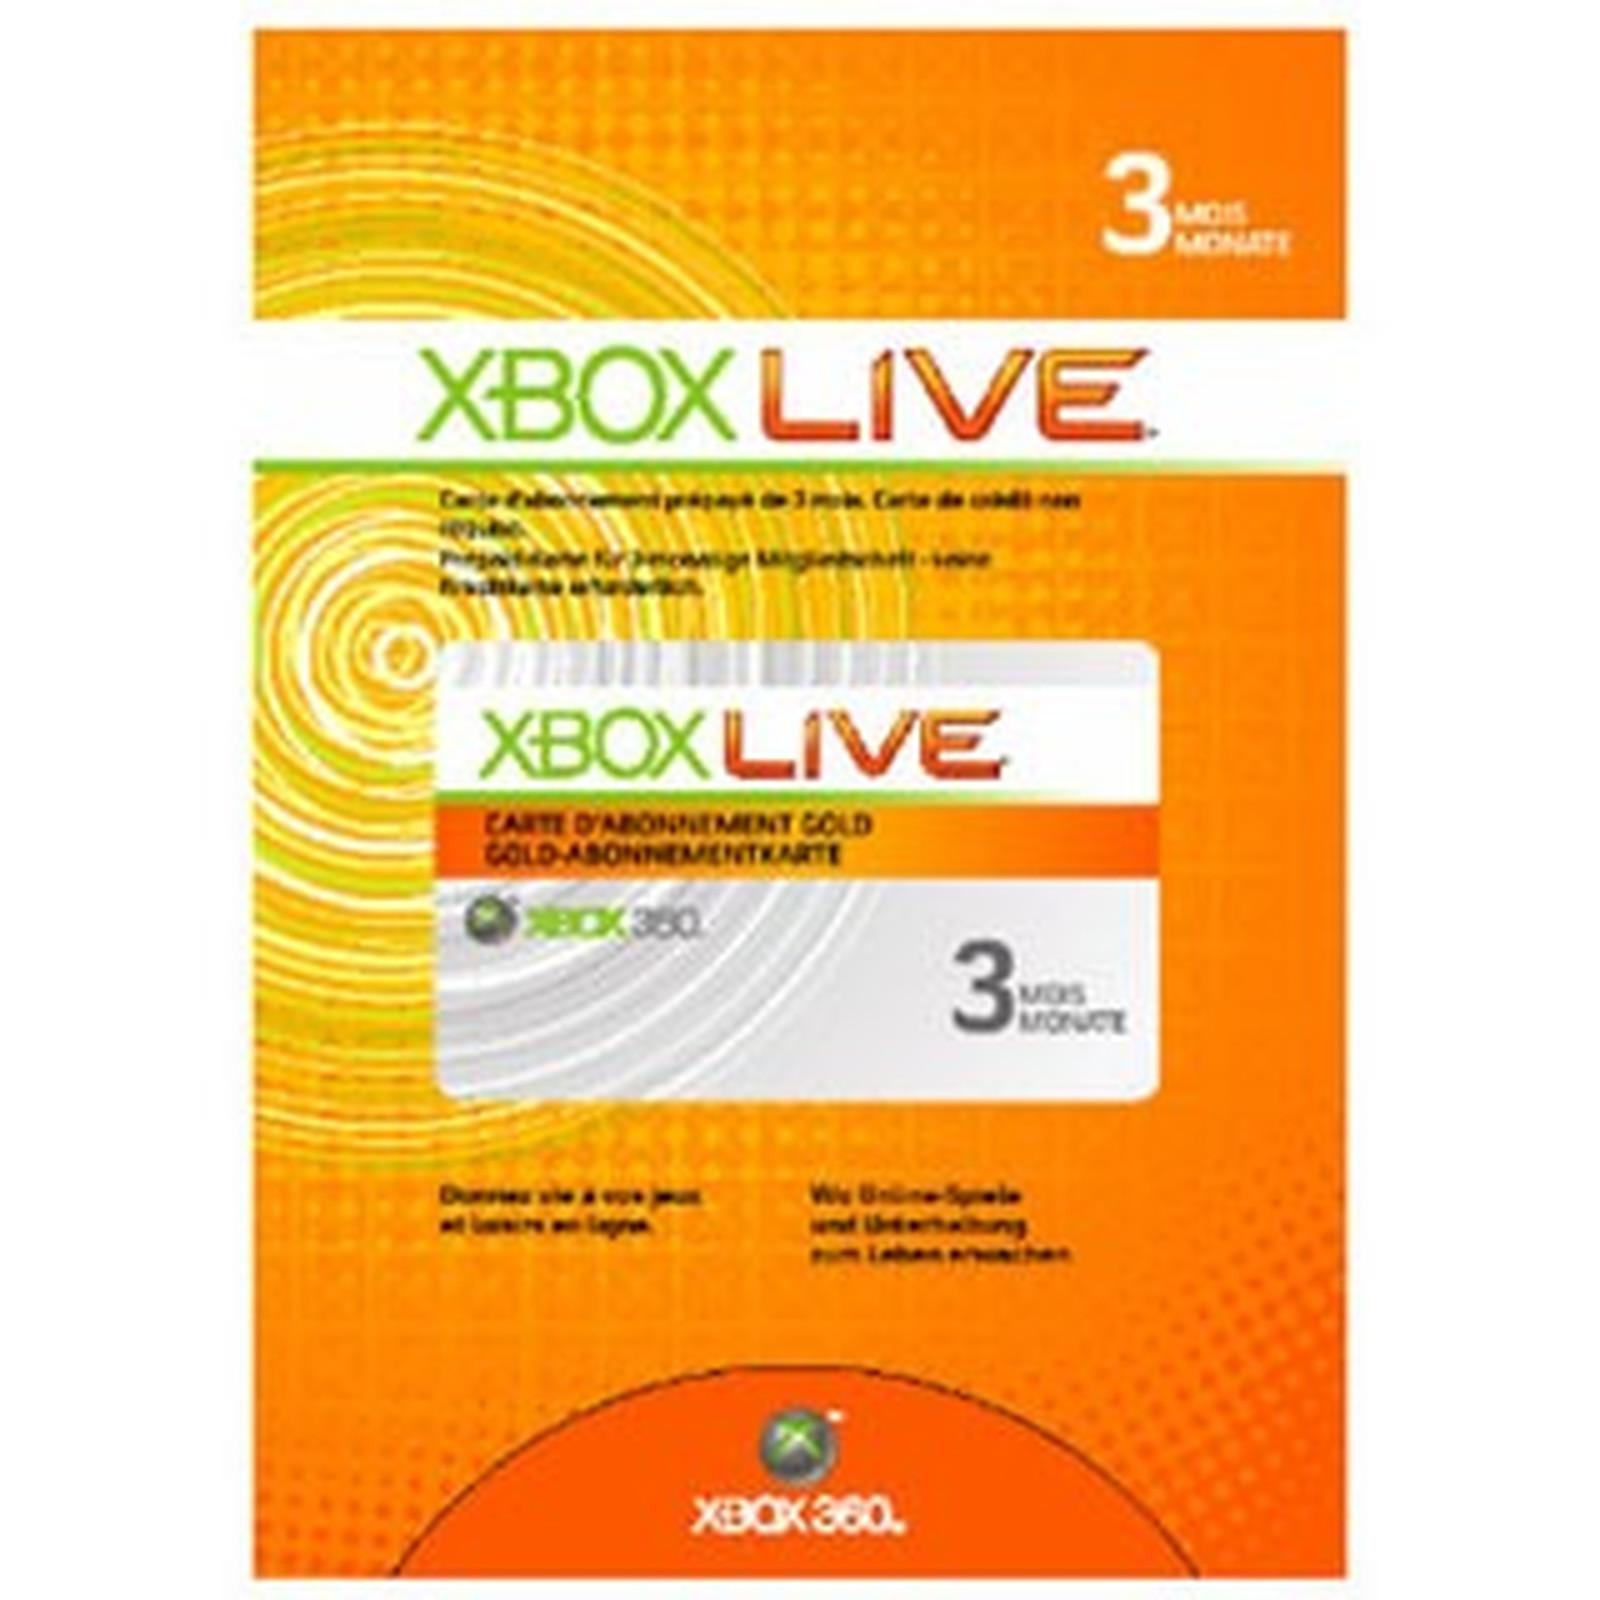 Microsoft Carte d'abonnement Xbox Live de 3 mois (Xbox 360)